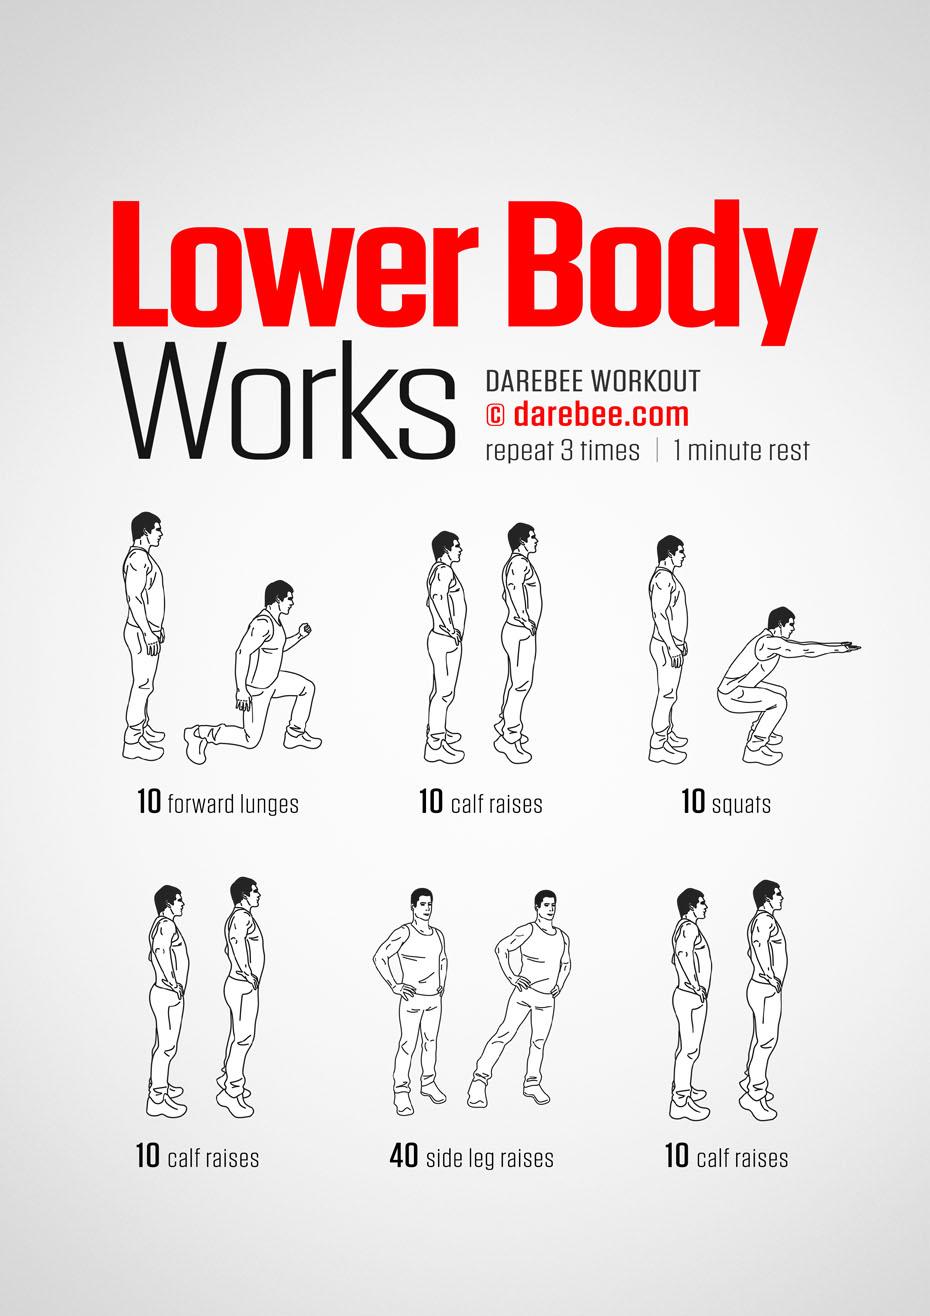 Lower Body Works